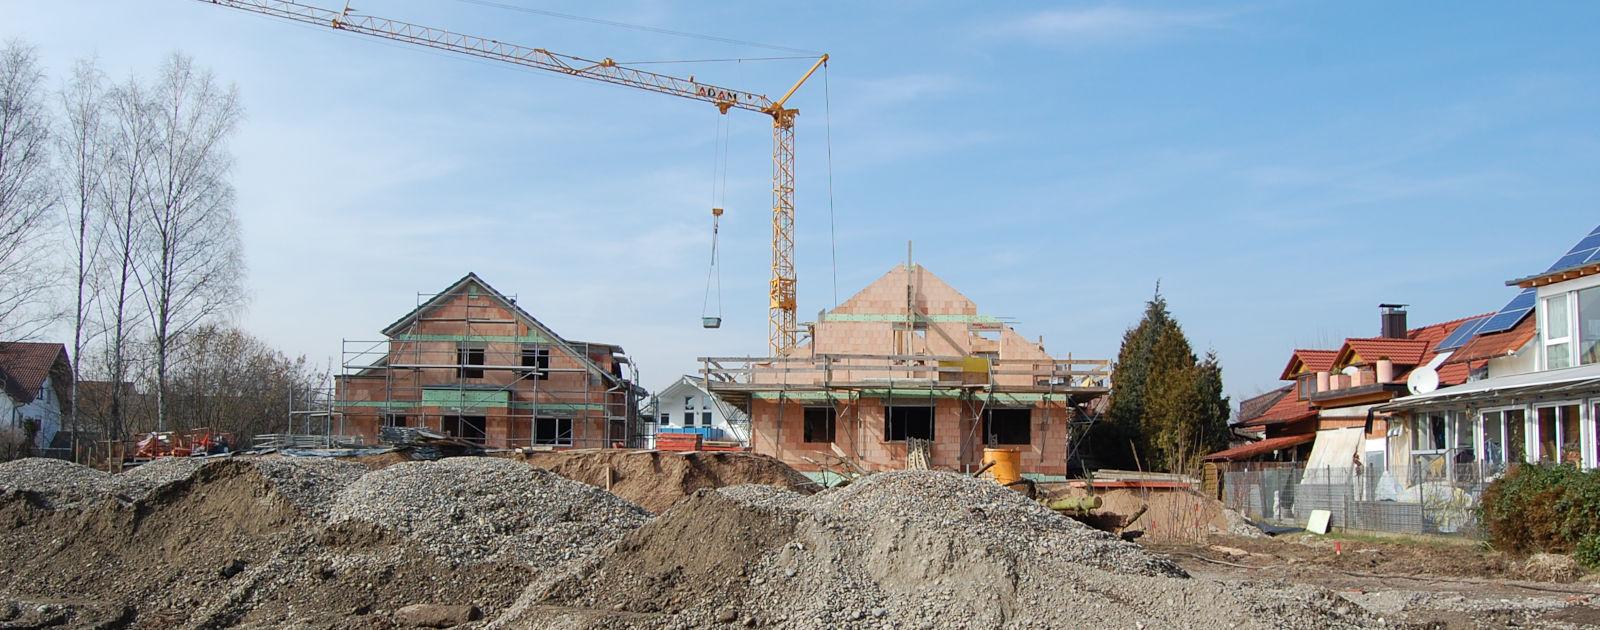 Baustelle im Hintergrund werden zwei Wohnhäuser errichtet